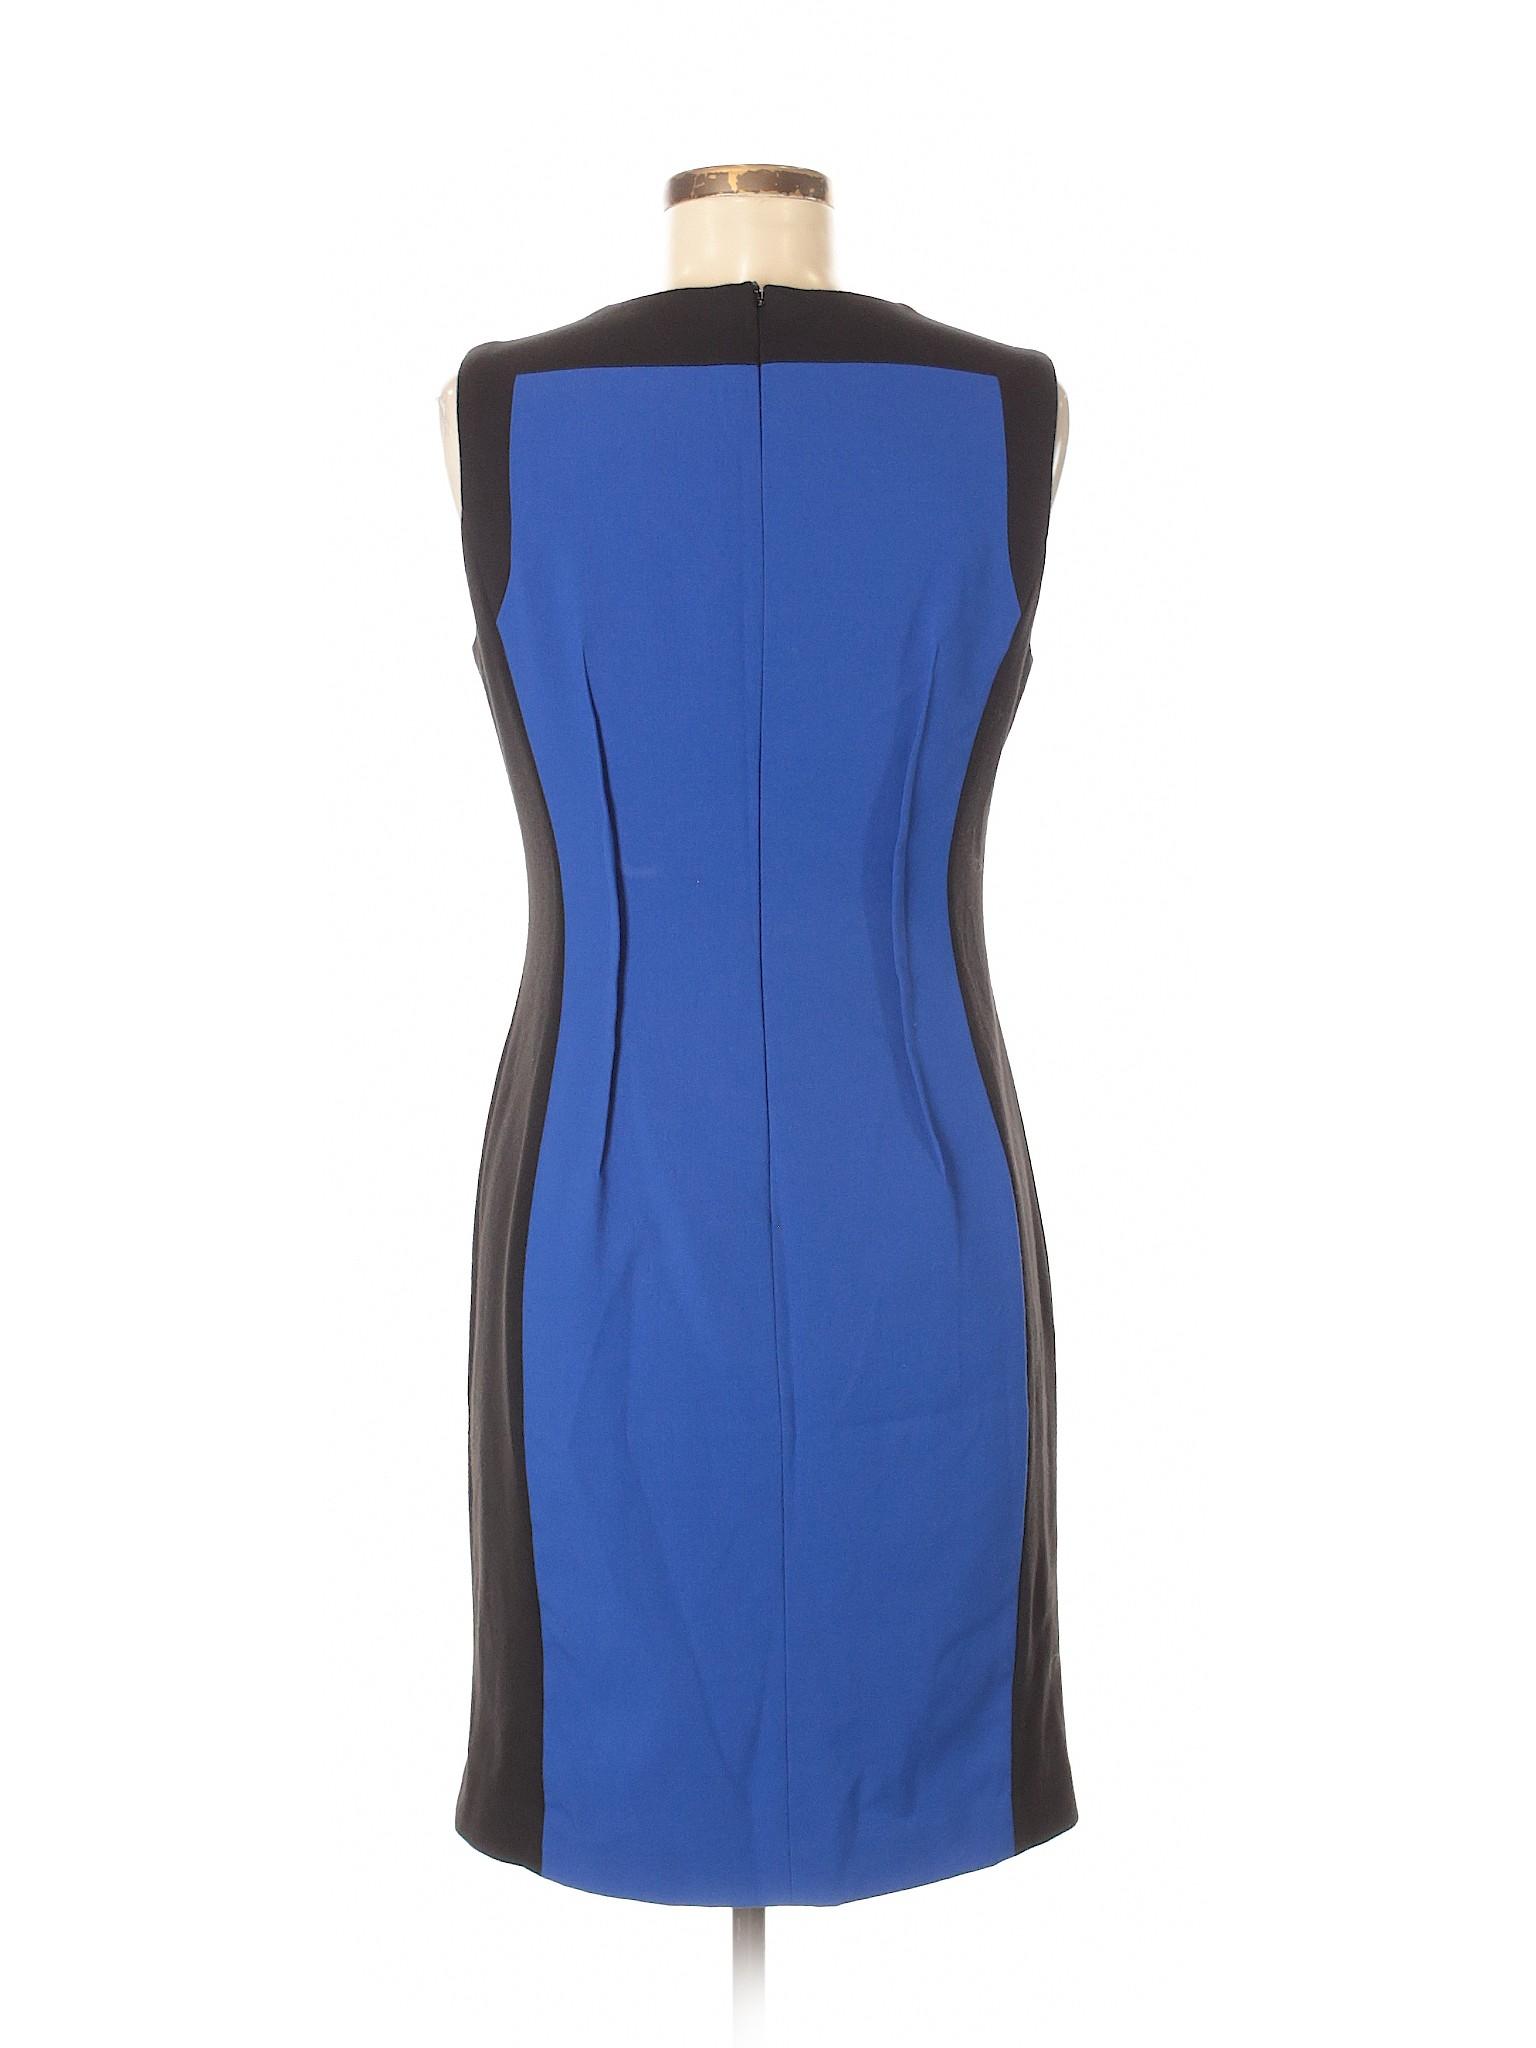 Dress Boutique St winter Barth Calypso Casual Kq8w7qM0R